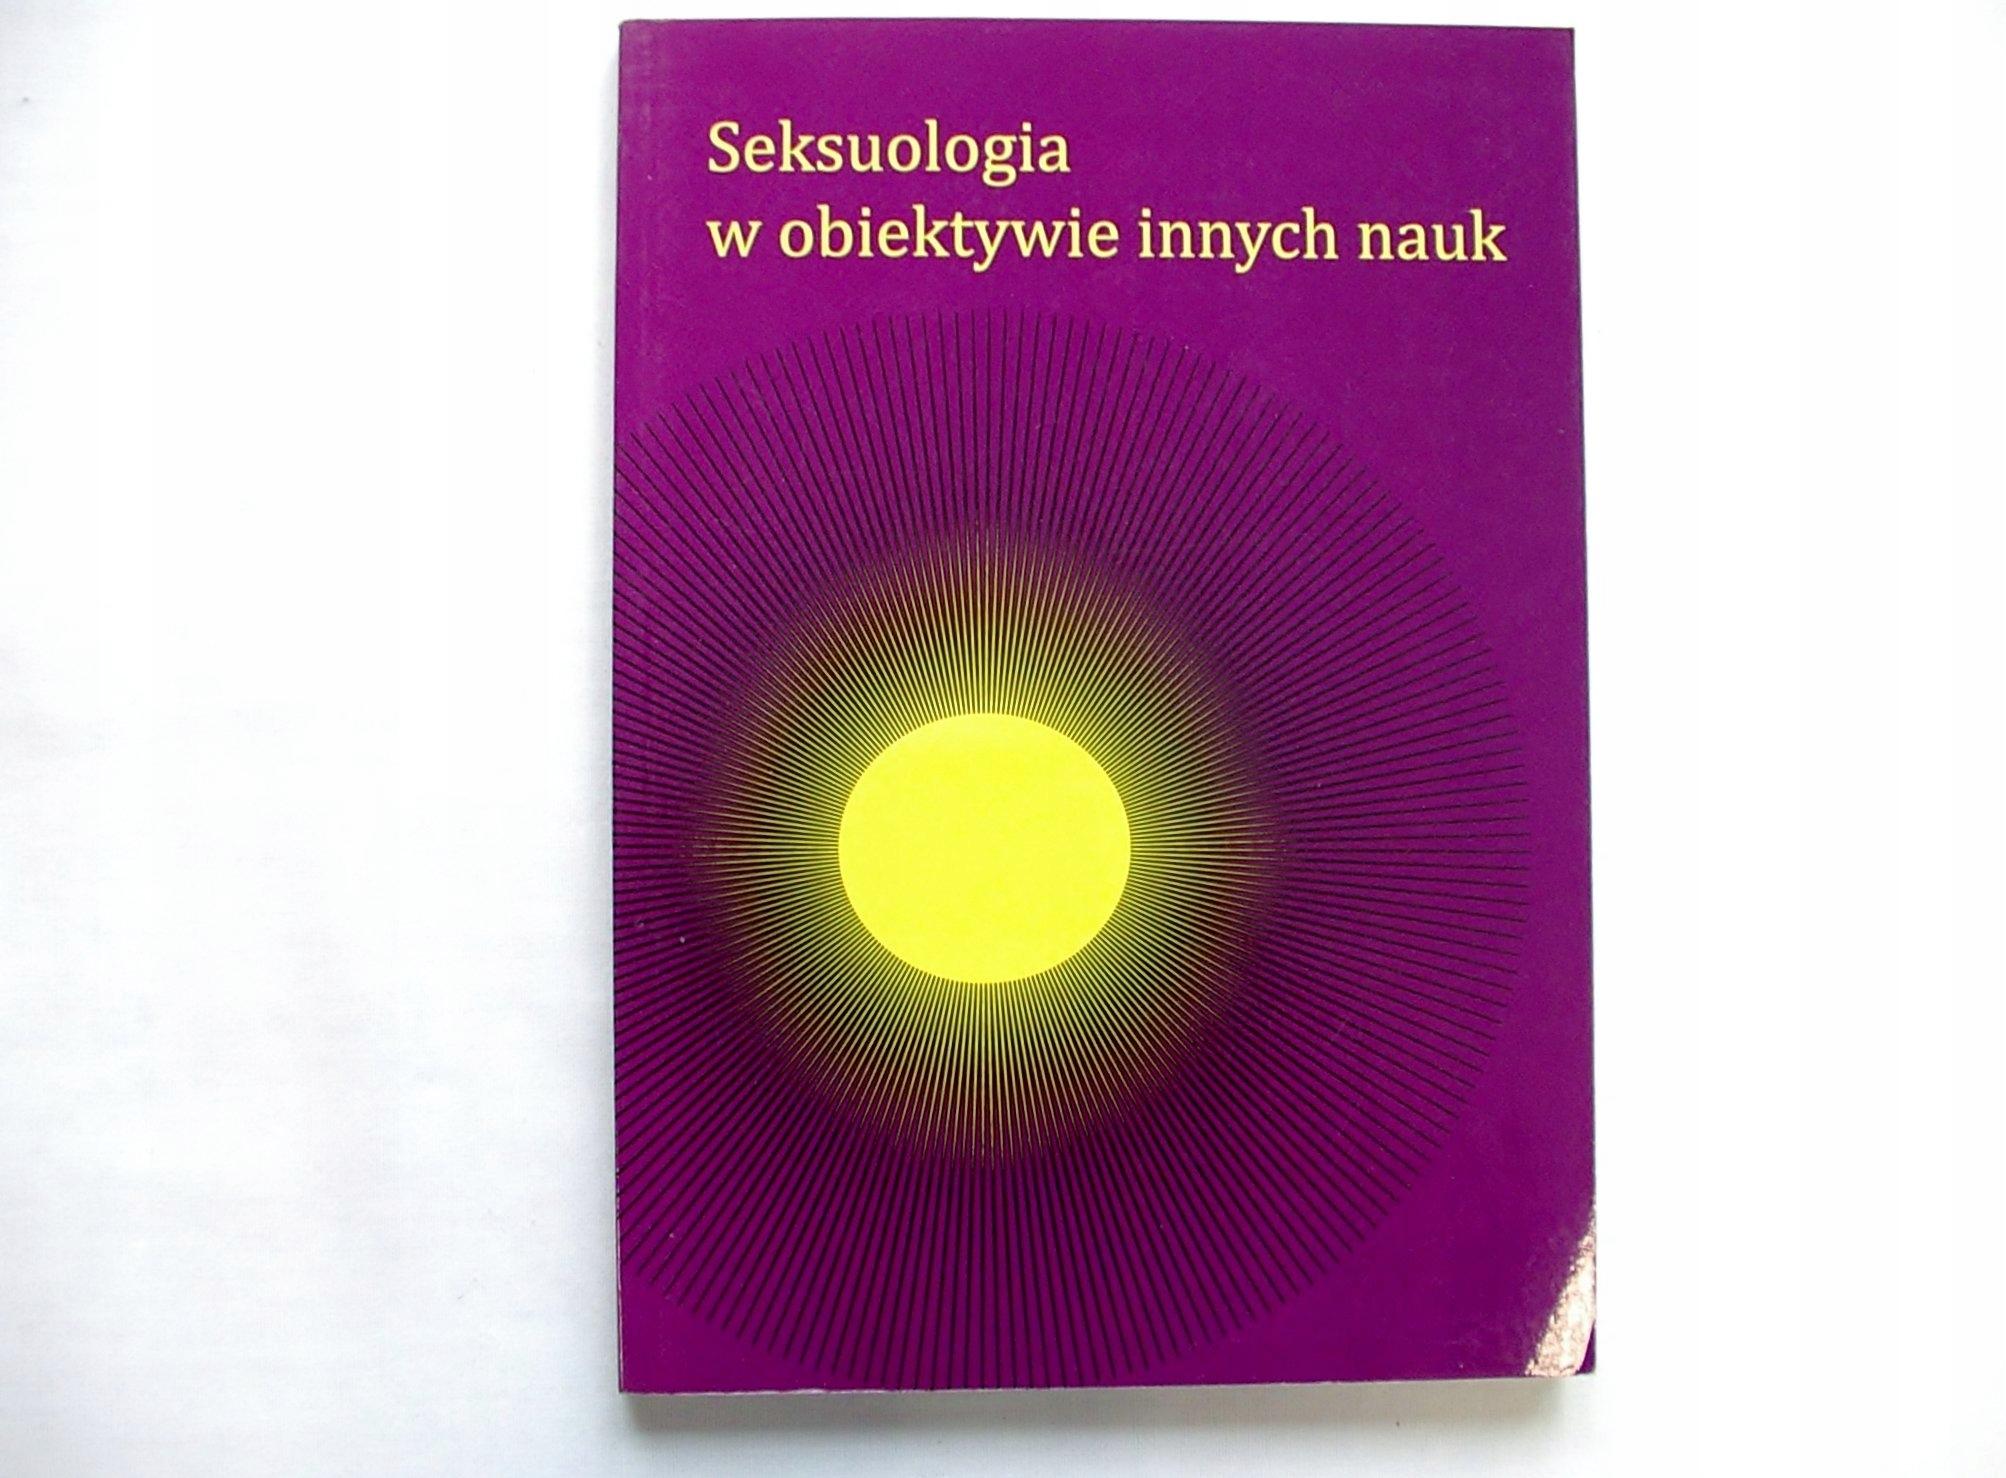 SEKSUOLOGIA W OBIEKTYWIE INNYCH NAUK [6627A]